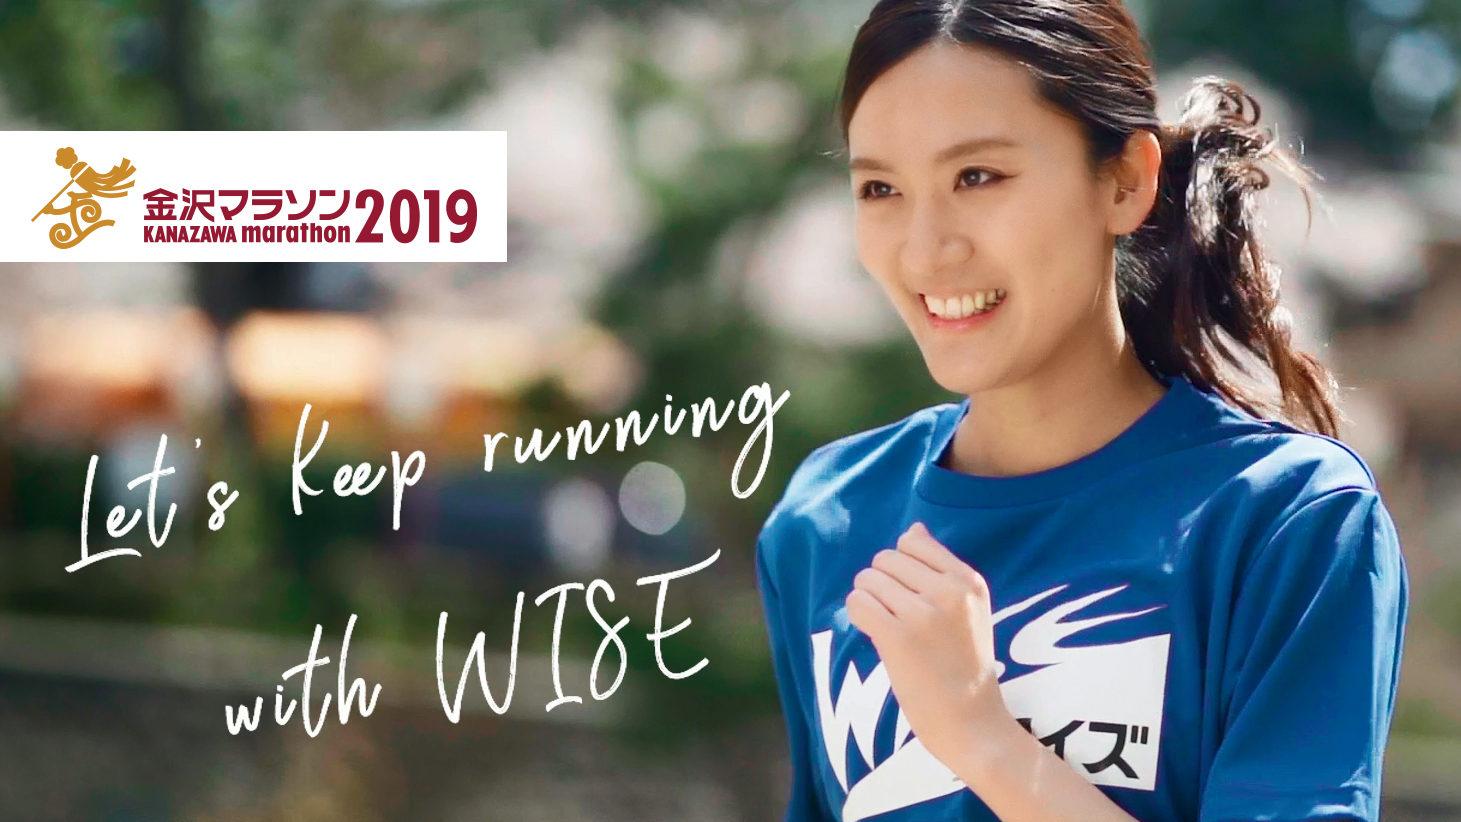 ワイズは金沢マラソンに協賛しています。